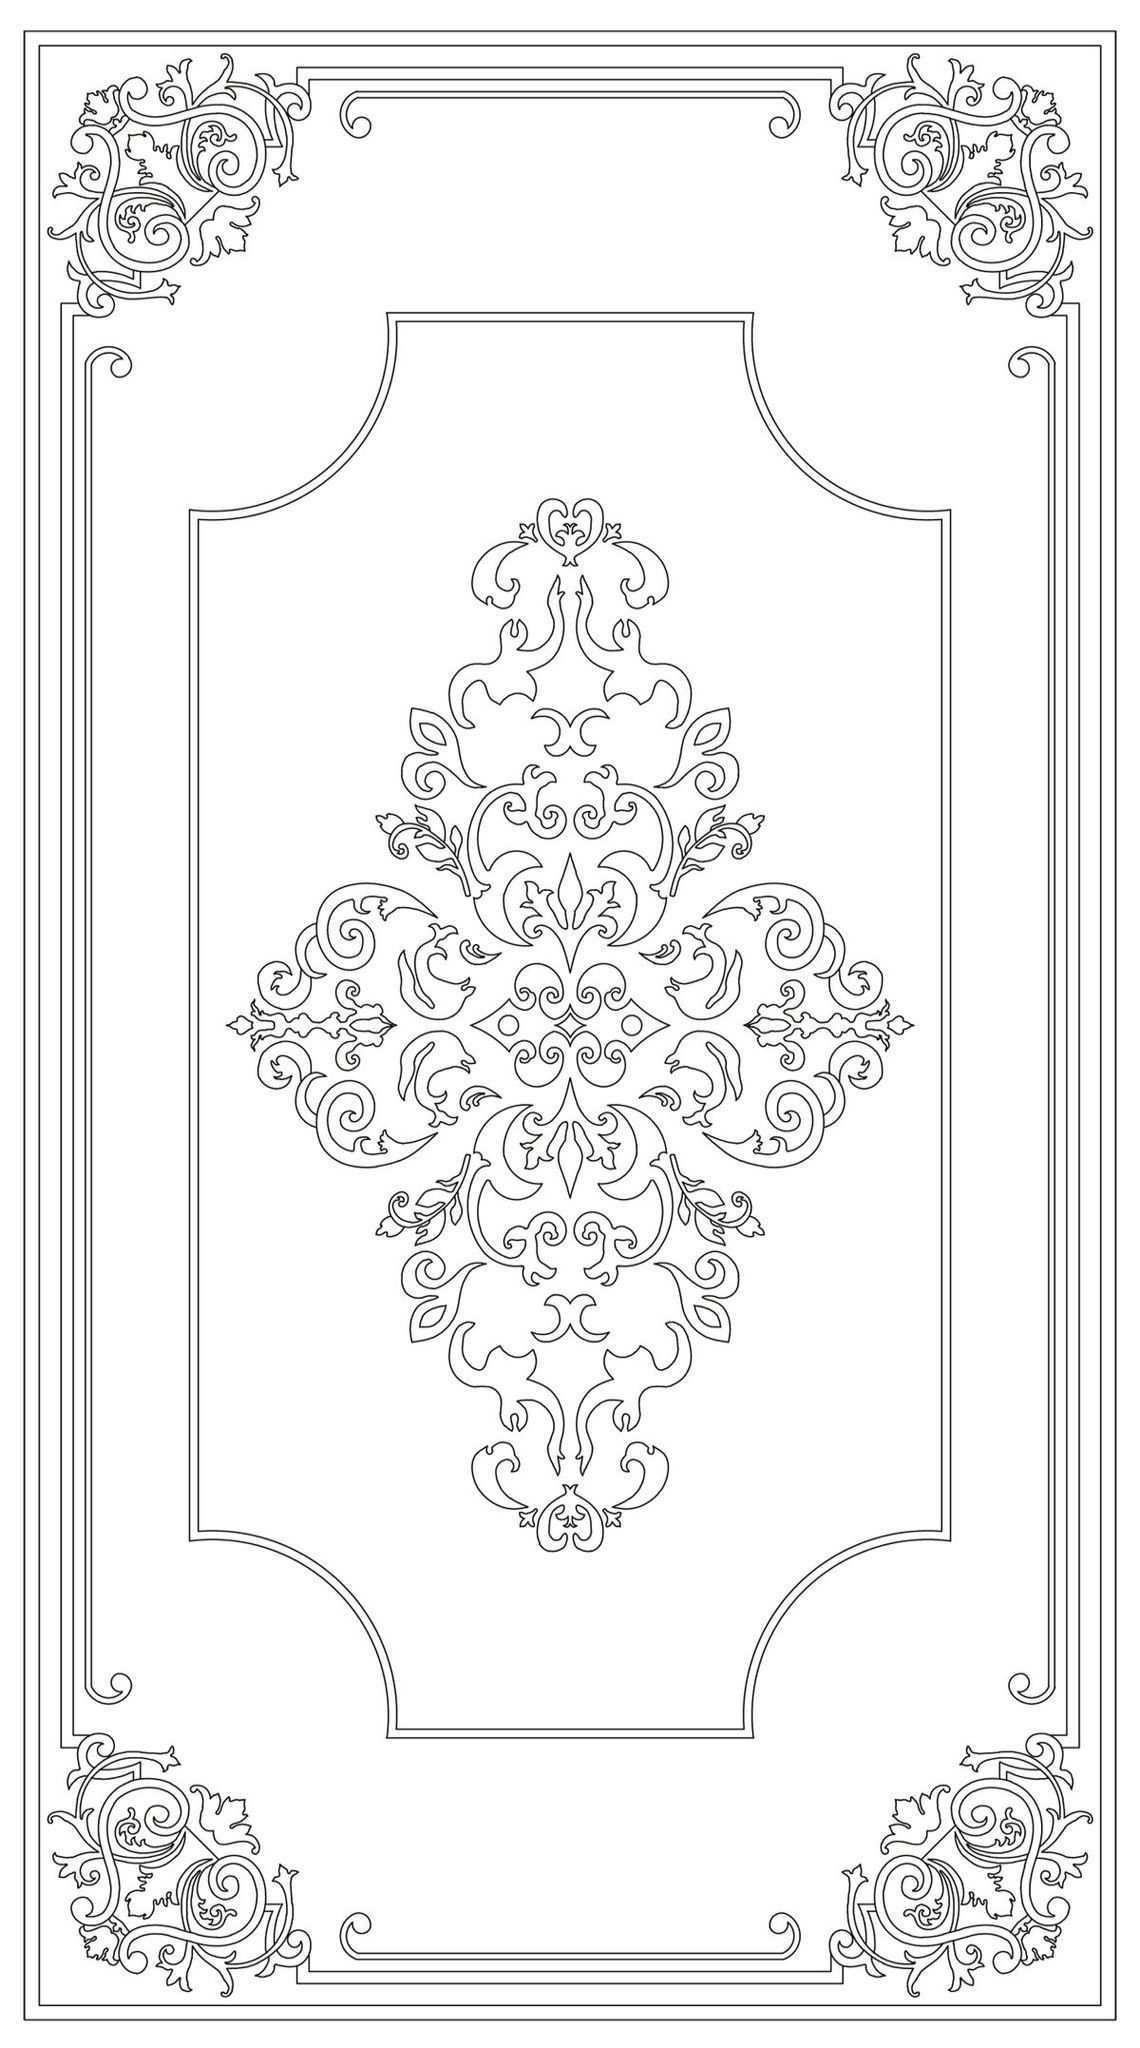 Desenler Eching Desenler Eching Desenler Eching Desenler Ornamente Vorlagen Musterkunst Schablone Designs